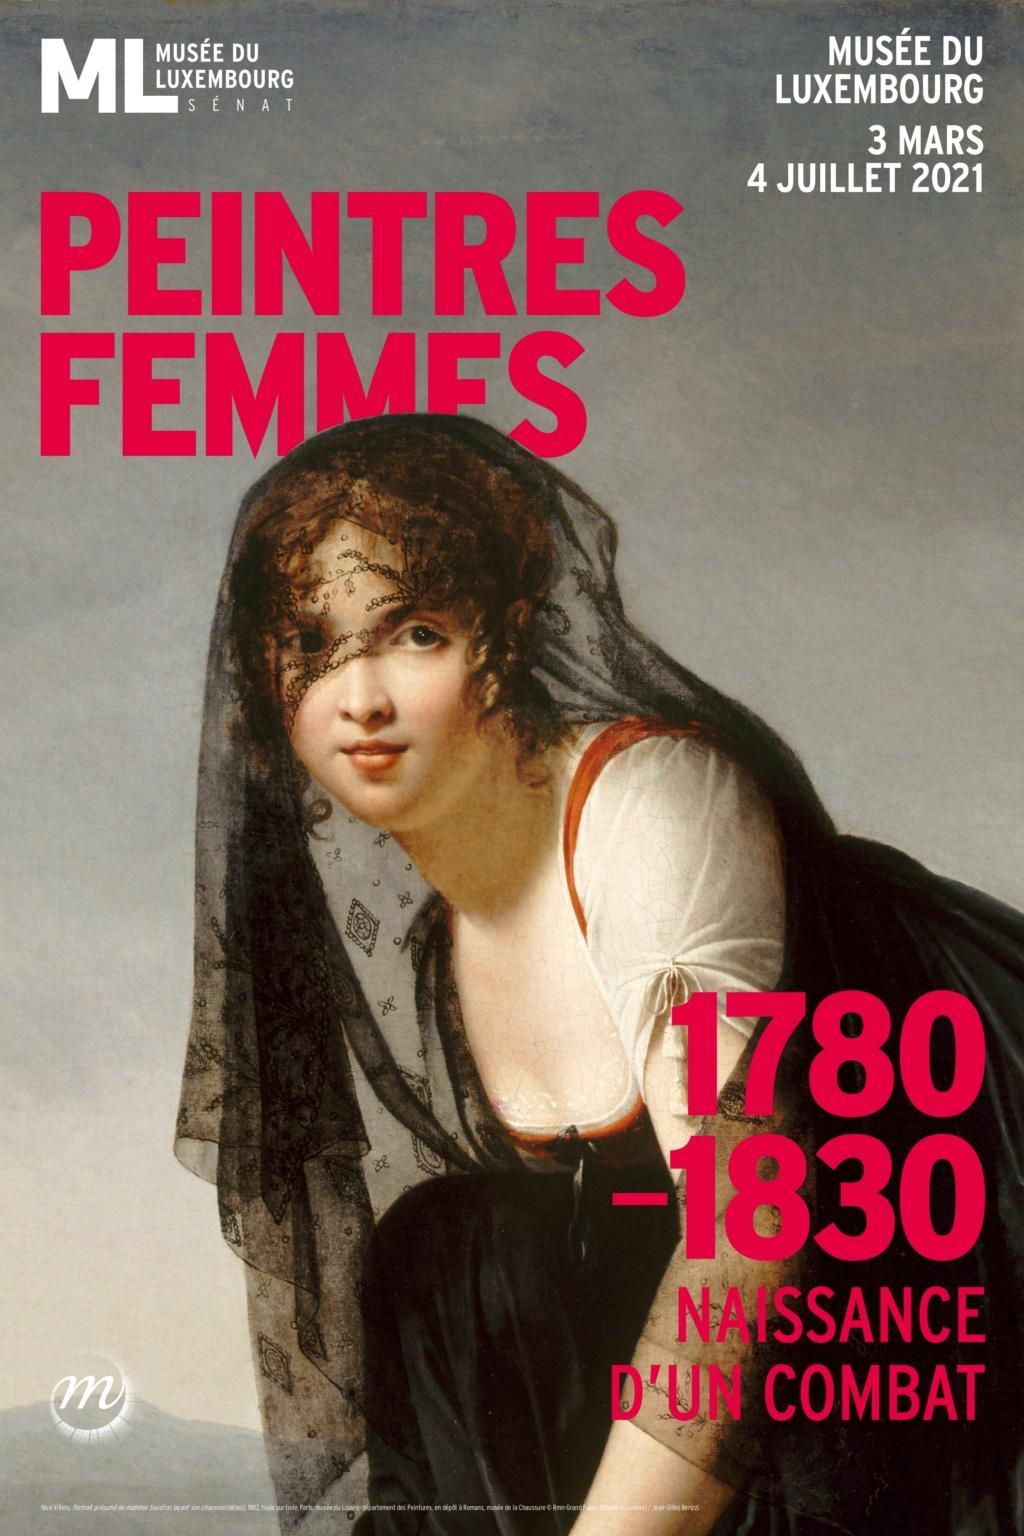 Exposition : Peintres femmes 1780-1830, naissance d'un combat. Au musée du Luxembourg Paris 76bf3110